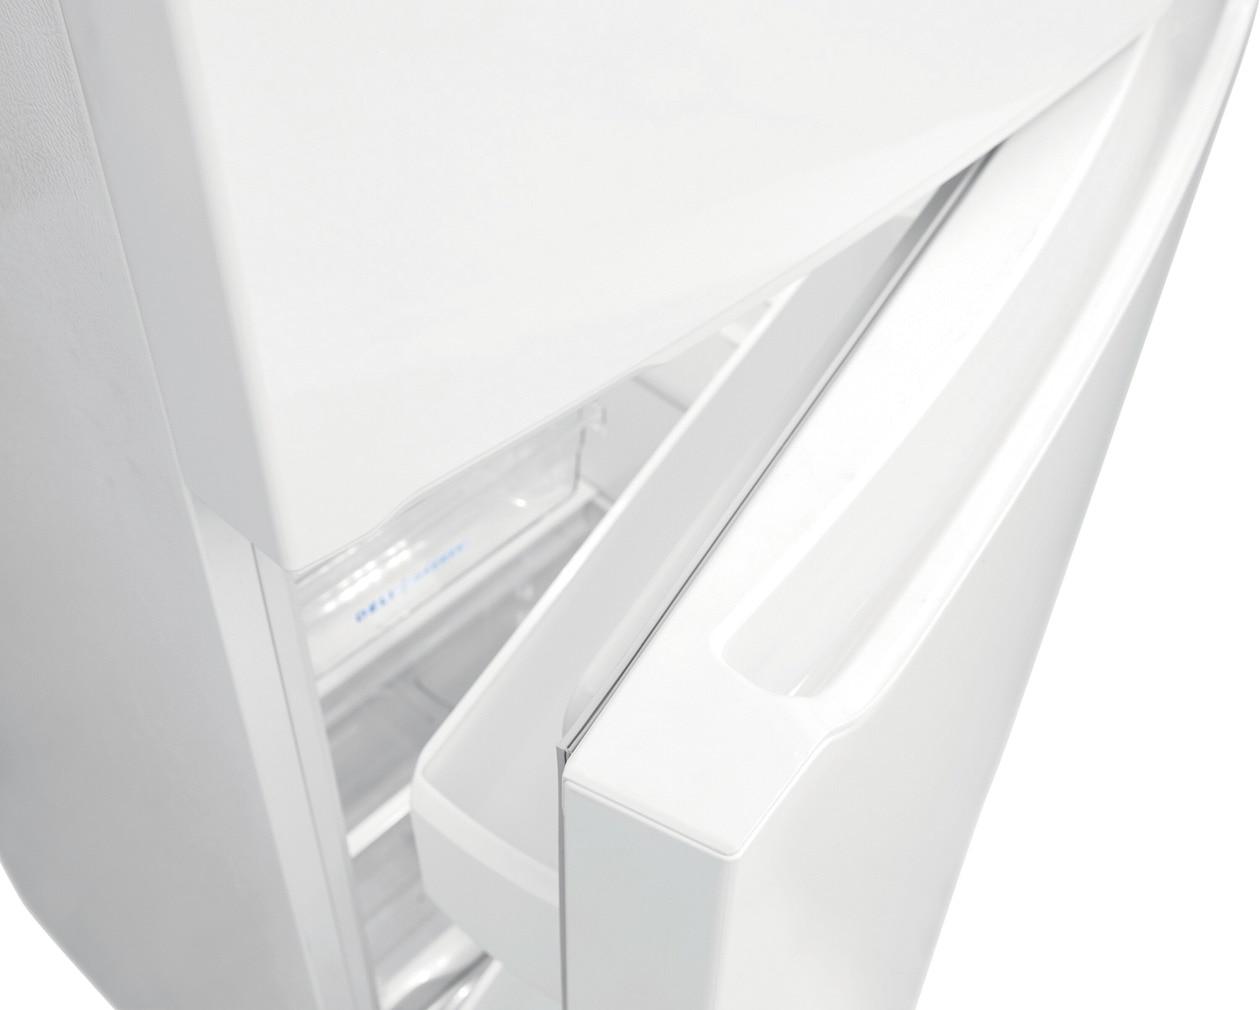 Model: FFTR1835VB | Frigidaire 18.3 Cu. Ft. Top Freezer Refrigerator